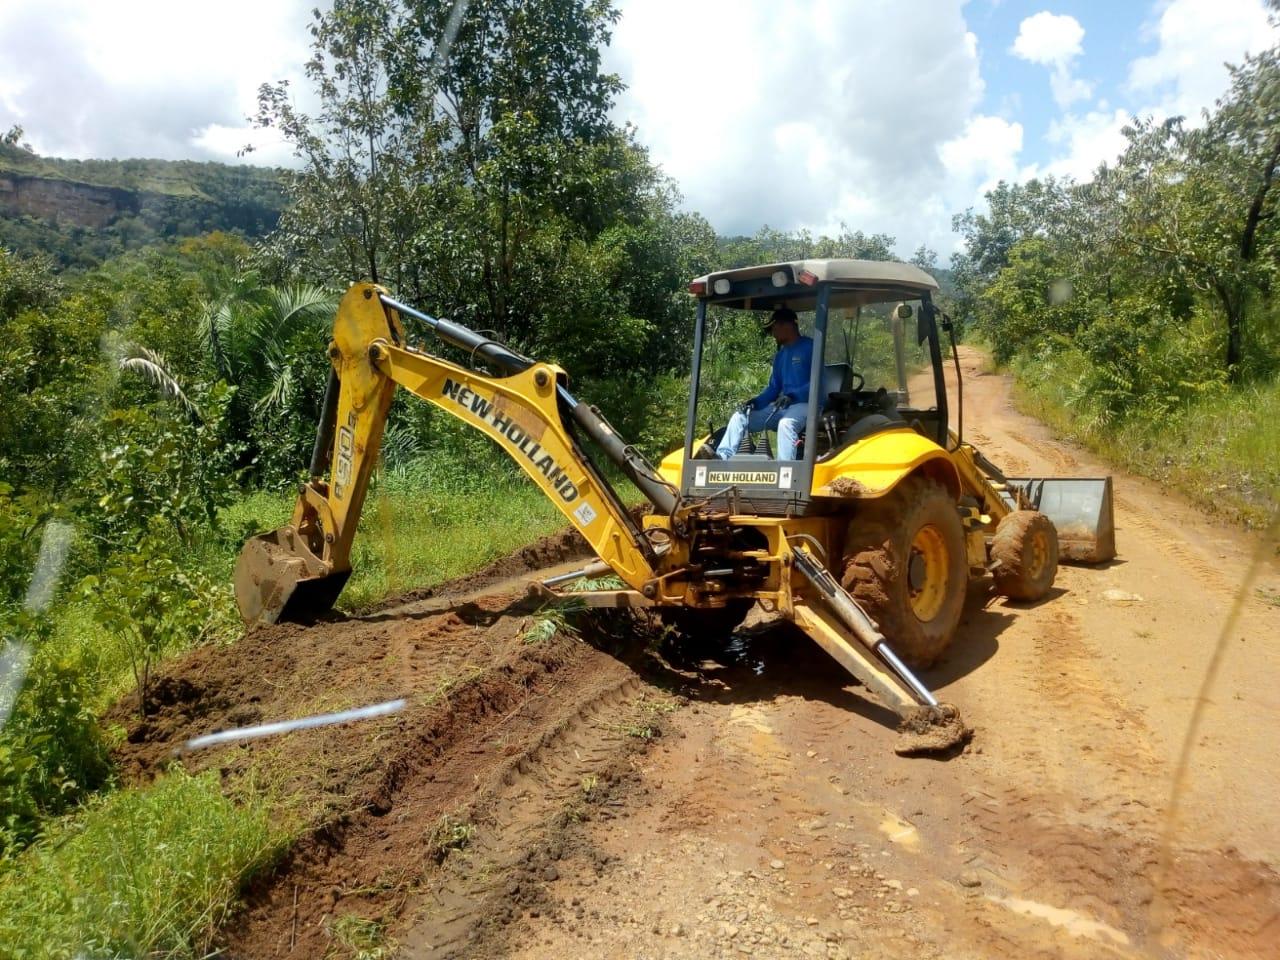 Seder trabalha na recuperação de estradas vicinais na zona rural de Palmas